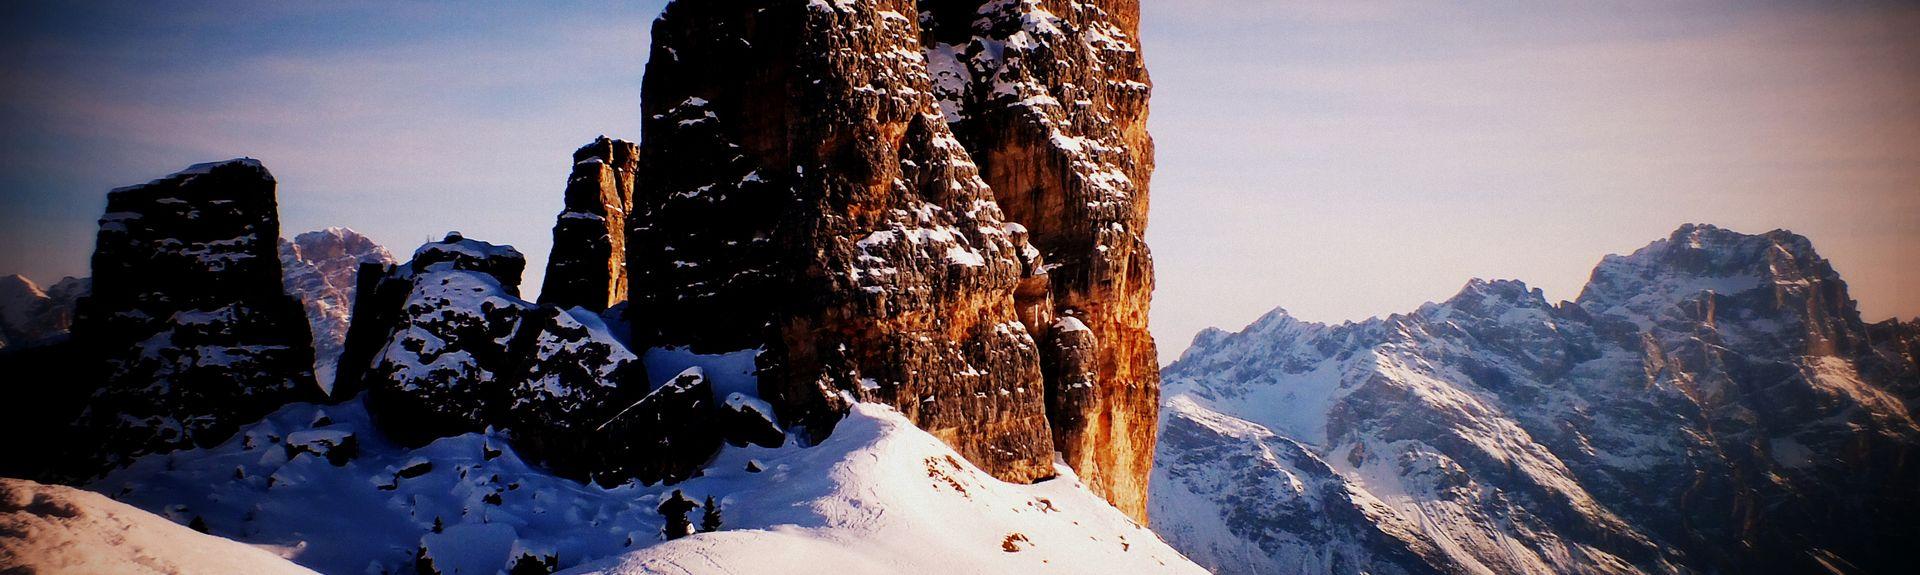 Sextner Dolomiten Alta Pusteria, Comelico Superiore, Italy